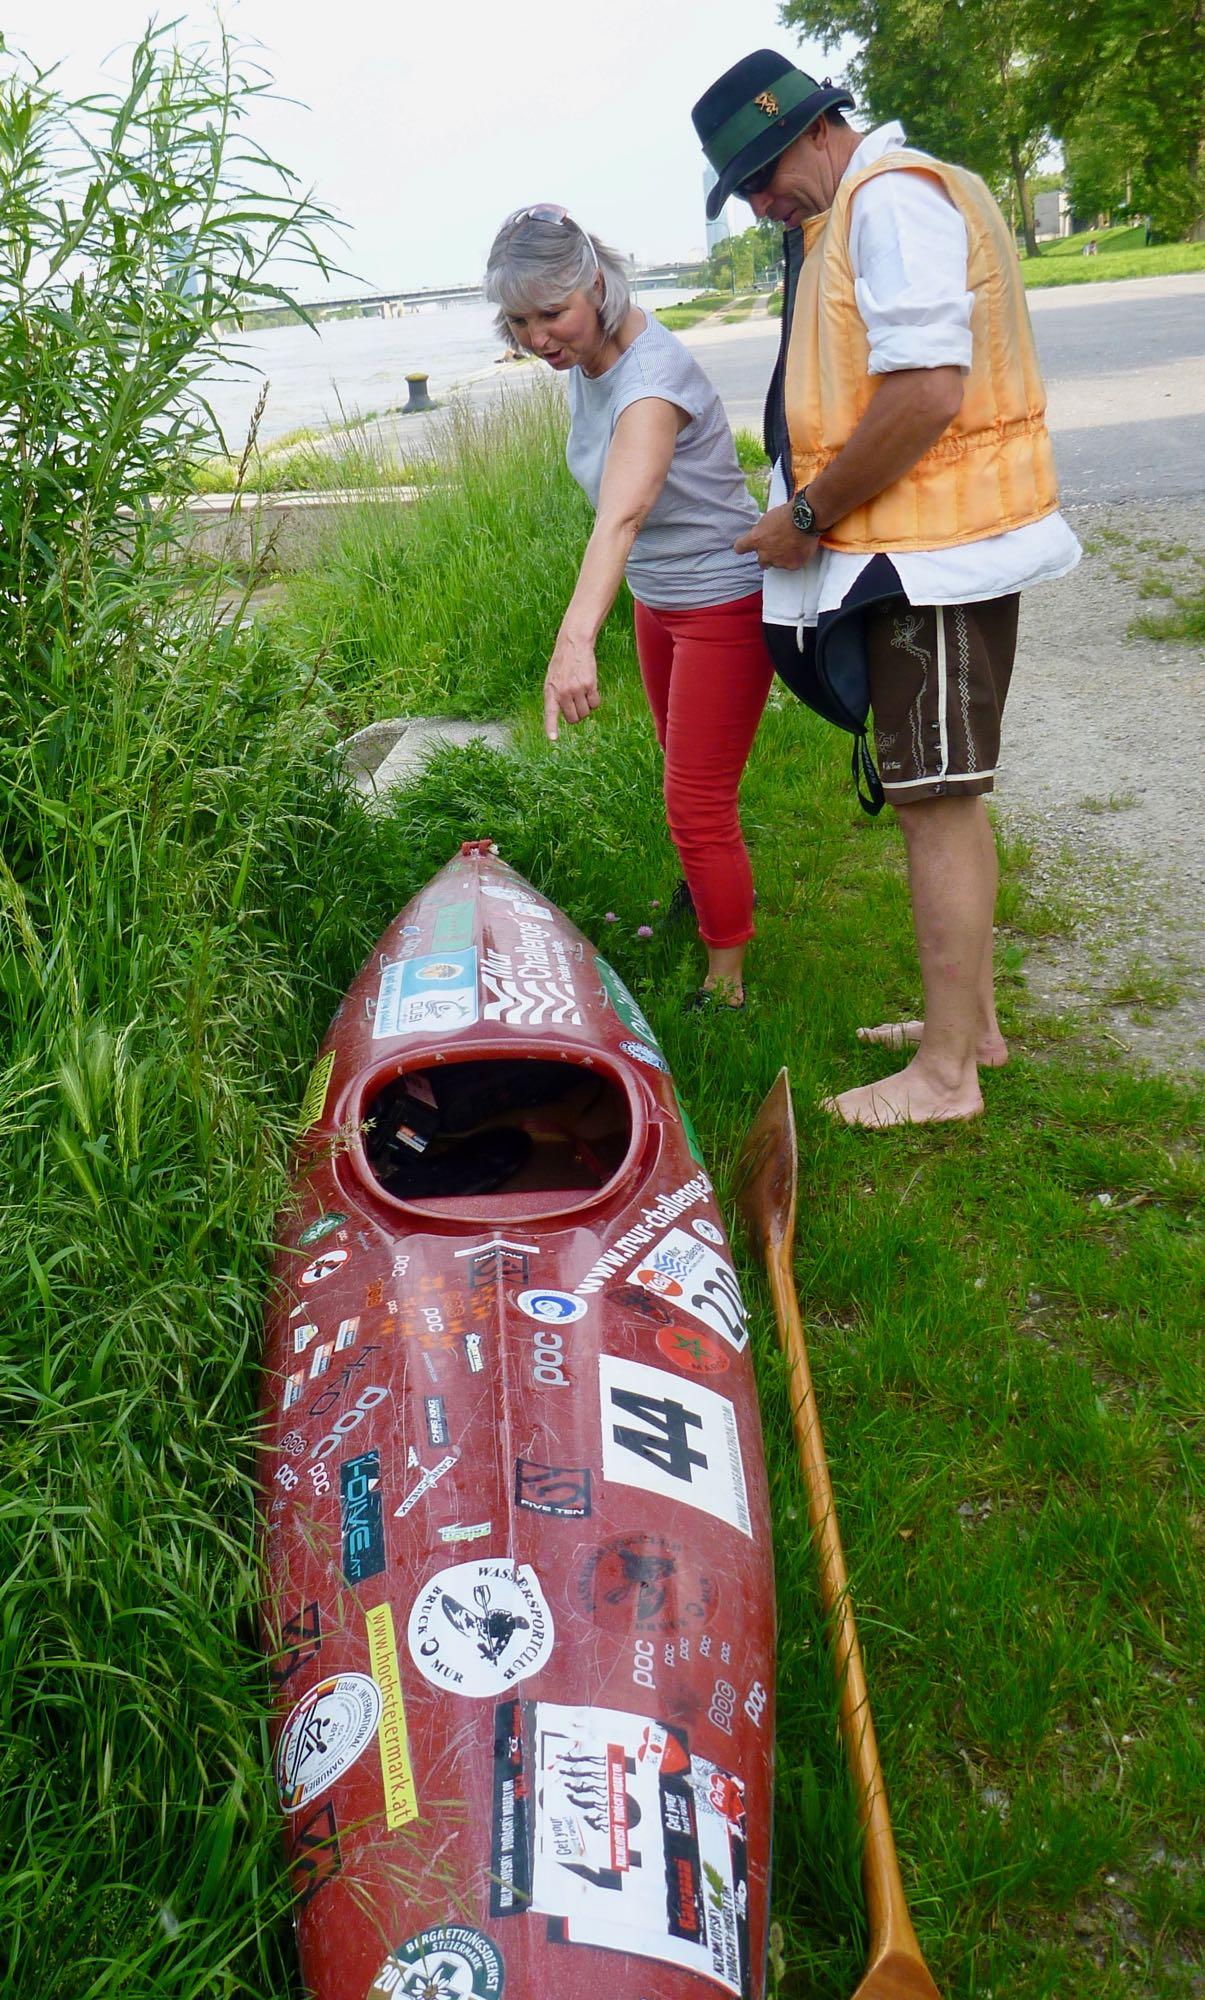 Viele Details an den historischen Booten